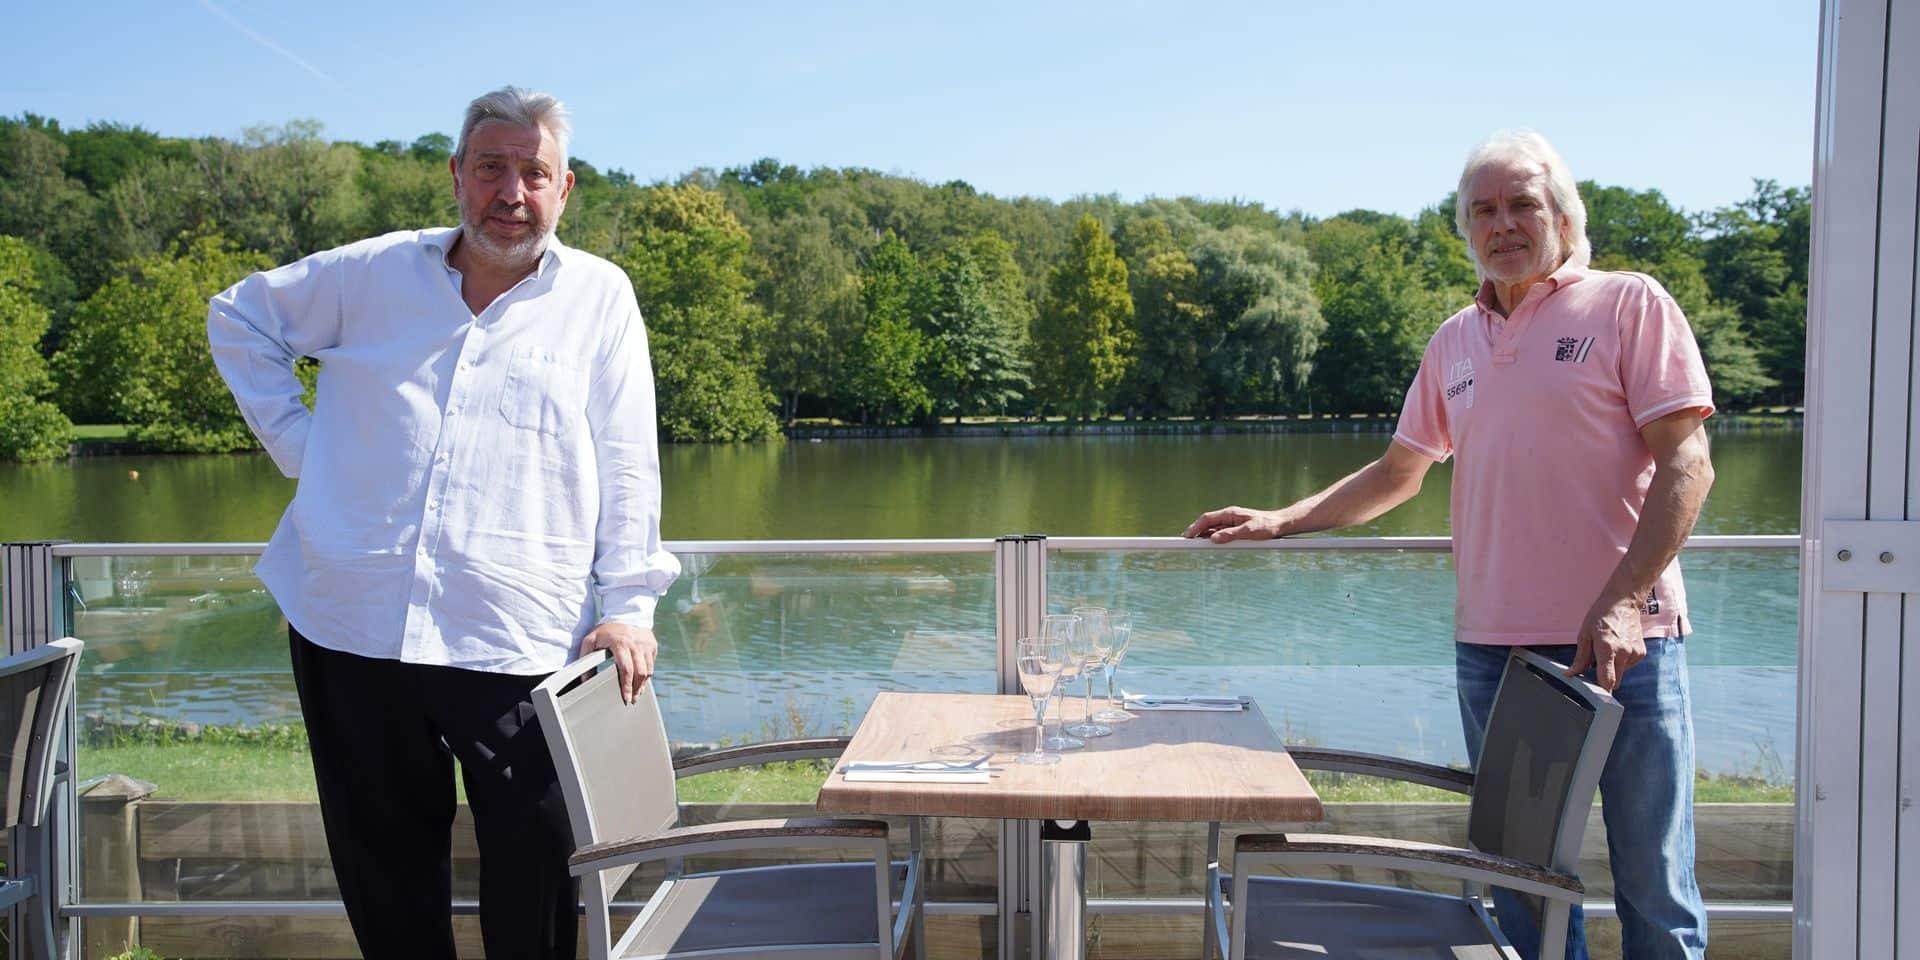 Primes Covid à deux vitesses : Franco, restaurateur au nord du lac de Genval, a reçu 12.000 €, Michel, au sud du même lac, seulement 5.000 € !